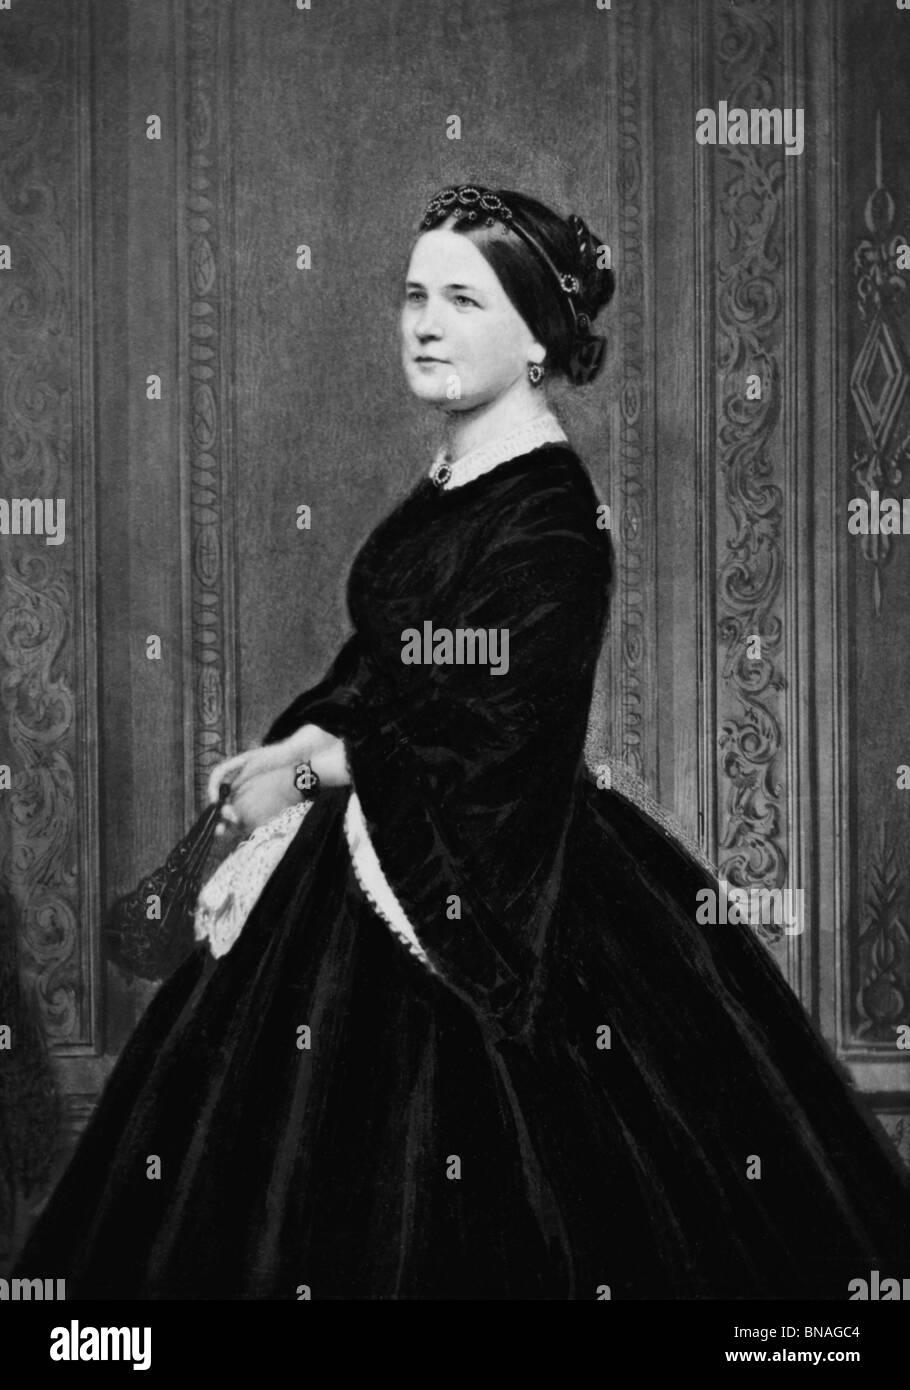 Foto retrato c1860s de Mary Todd Lincoln (1818 - 1882), esposa del Presidente de los Estados Unidos Abraham Lincoln Imagen De Stock